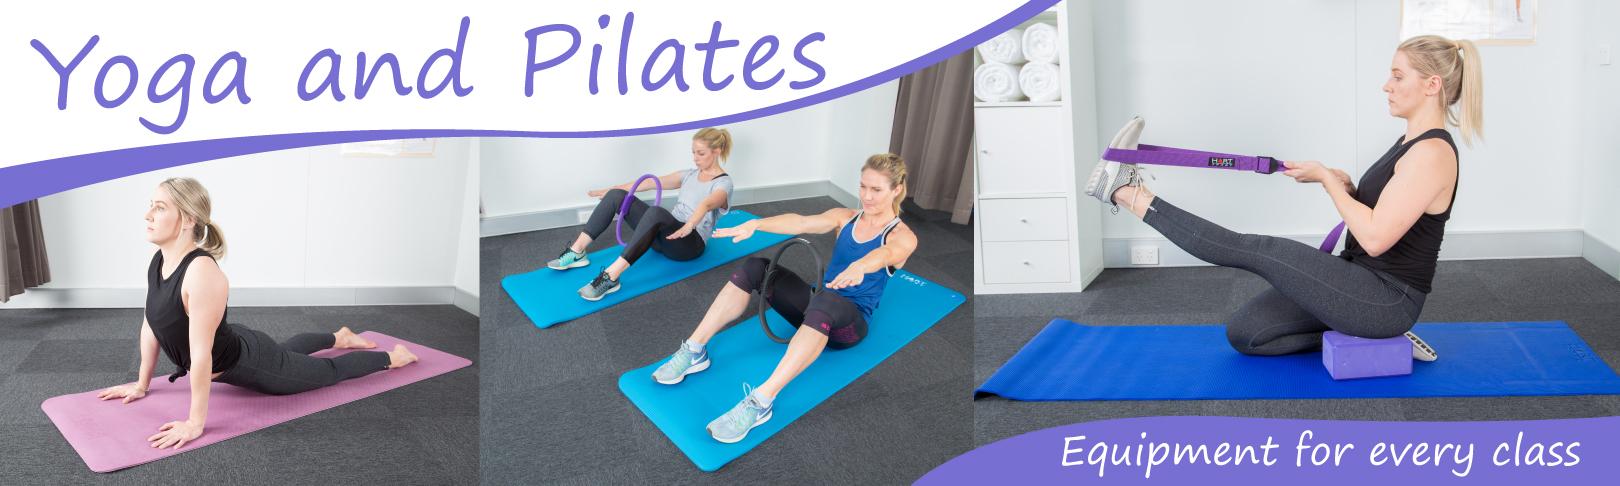 Pilates - Wikipedia